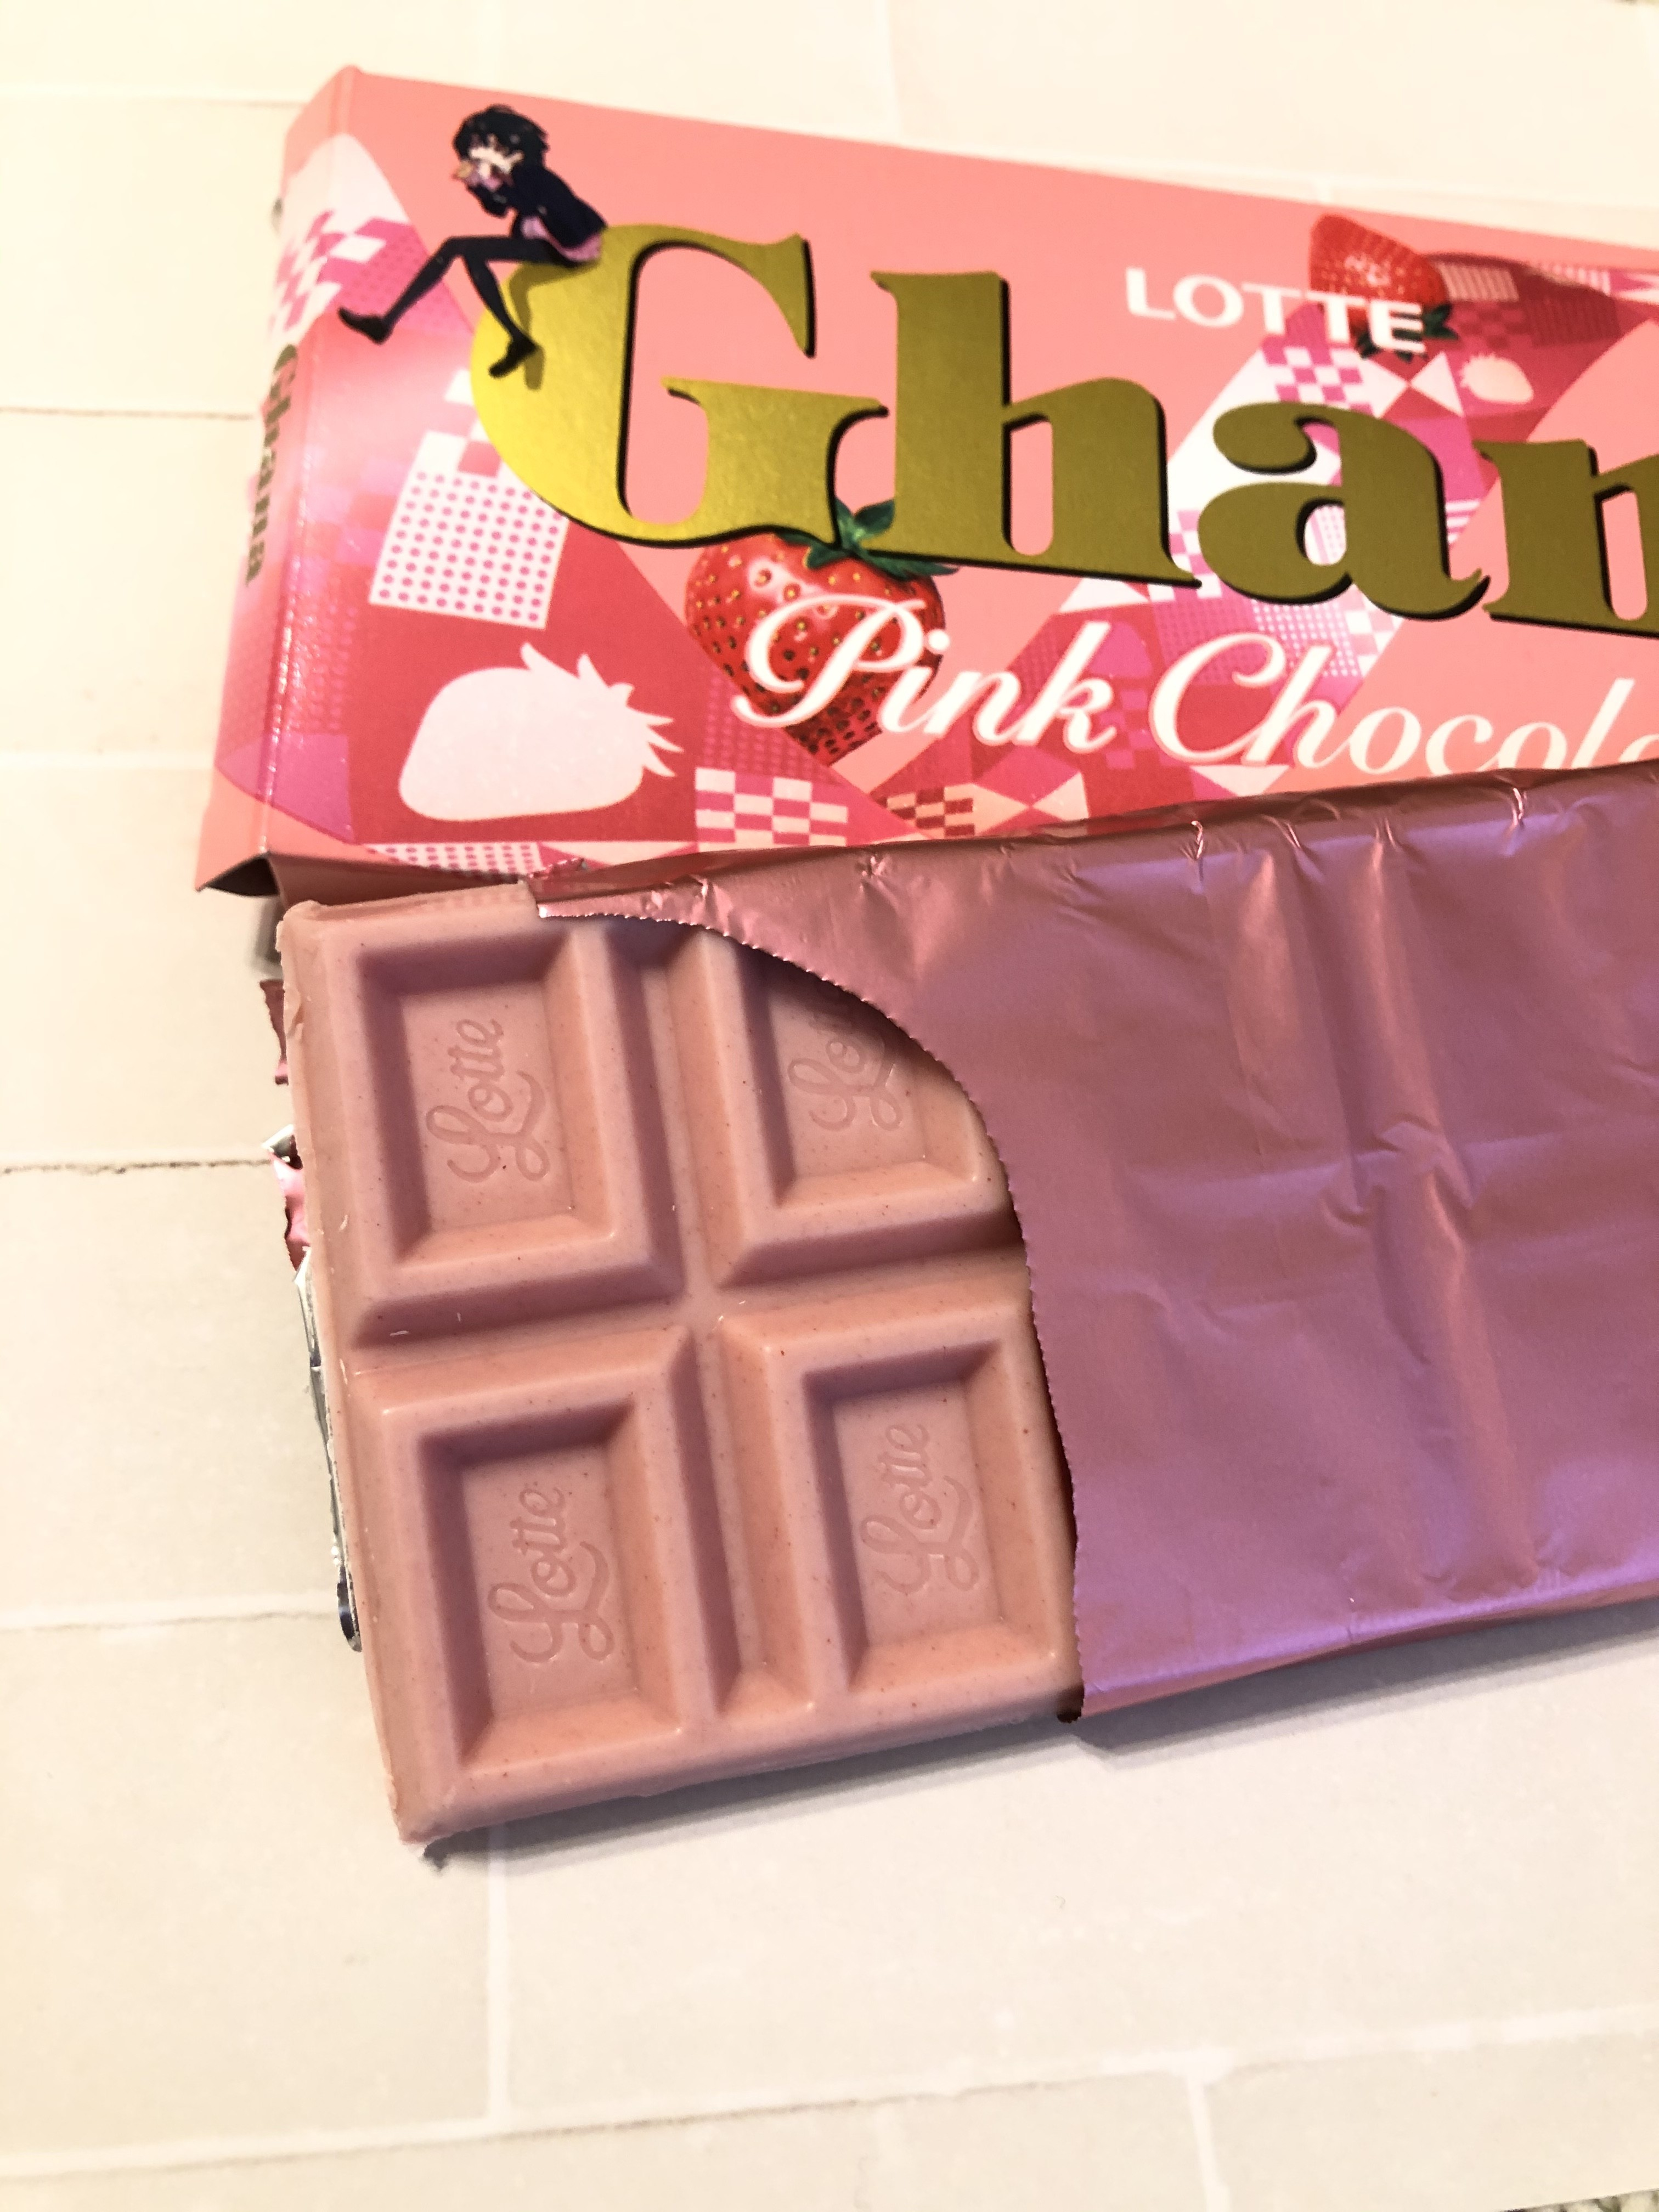 チョコレート ガーナ ピンク ガーナピンクチョコレート2021いつまで?味、販売店もまとめてみました。